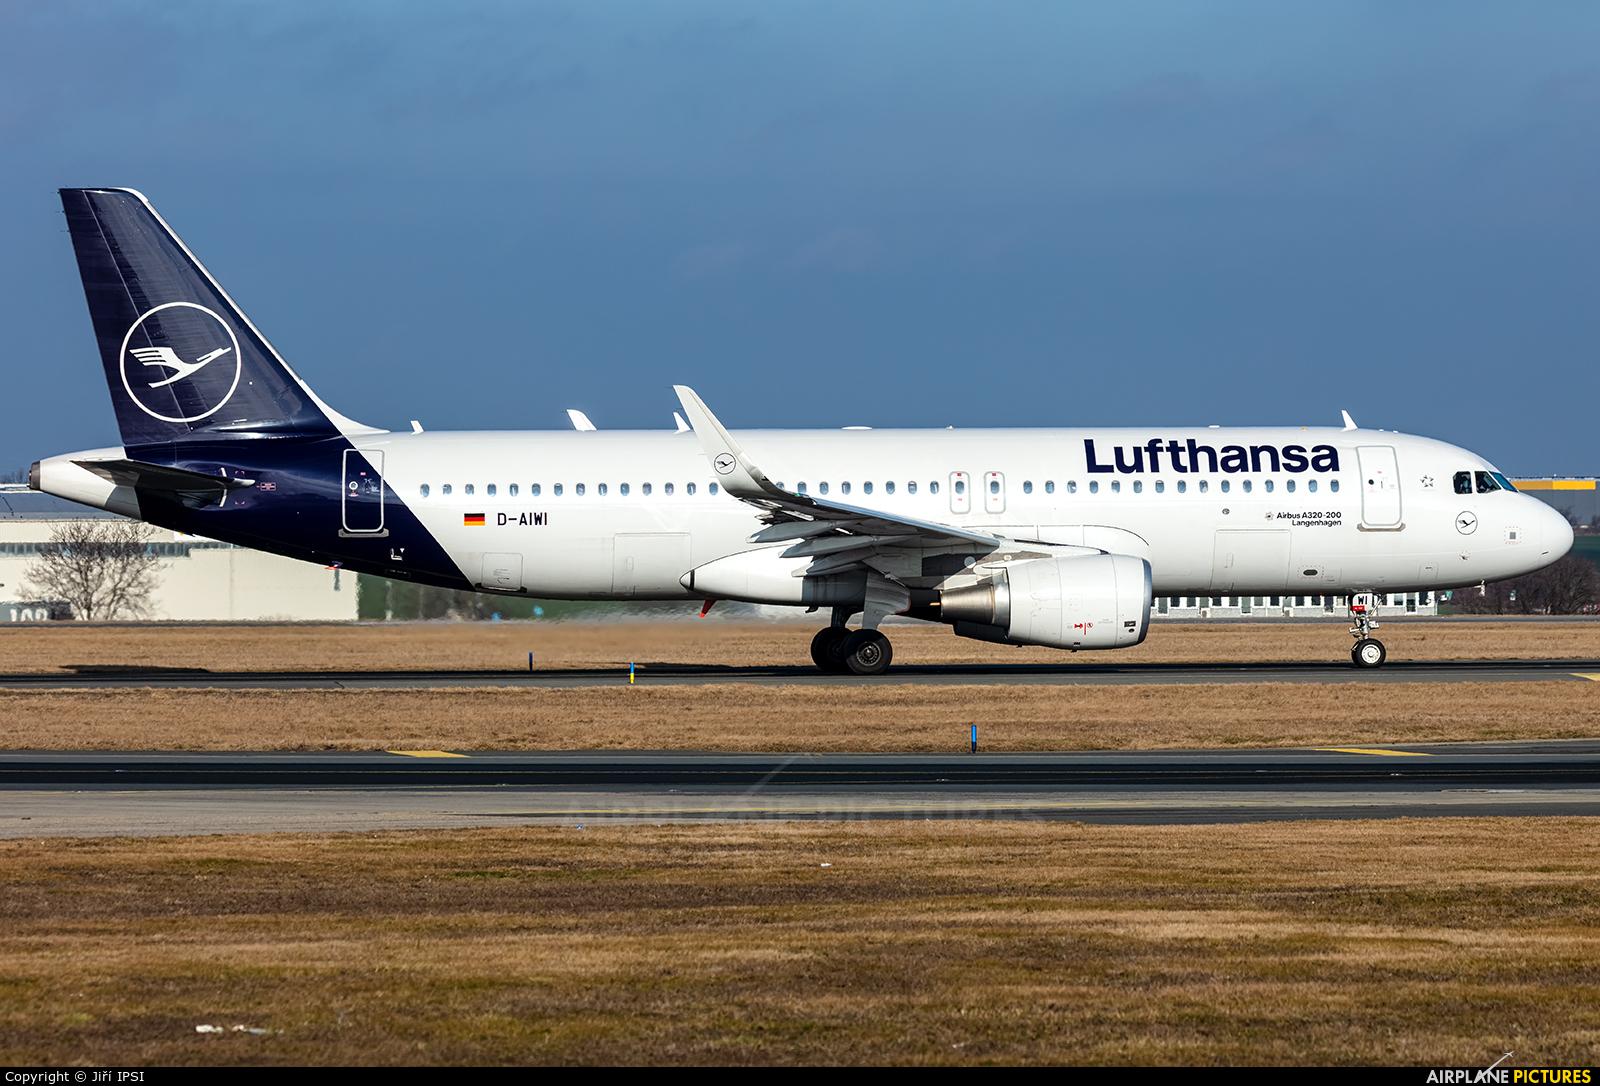 Lufthansa D-AIWI aircraft at Prague - Václav Havel